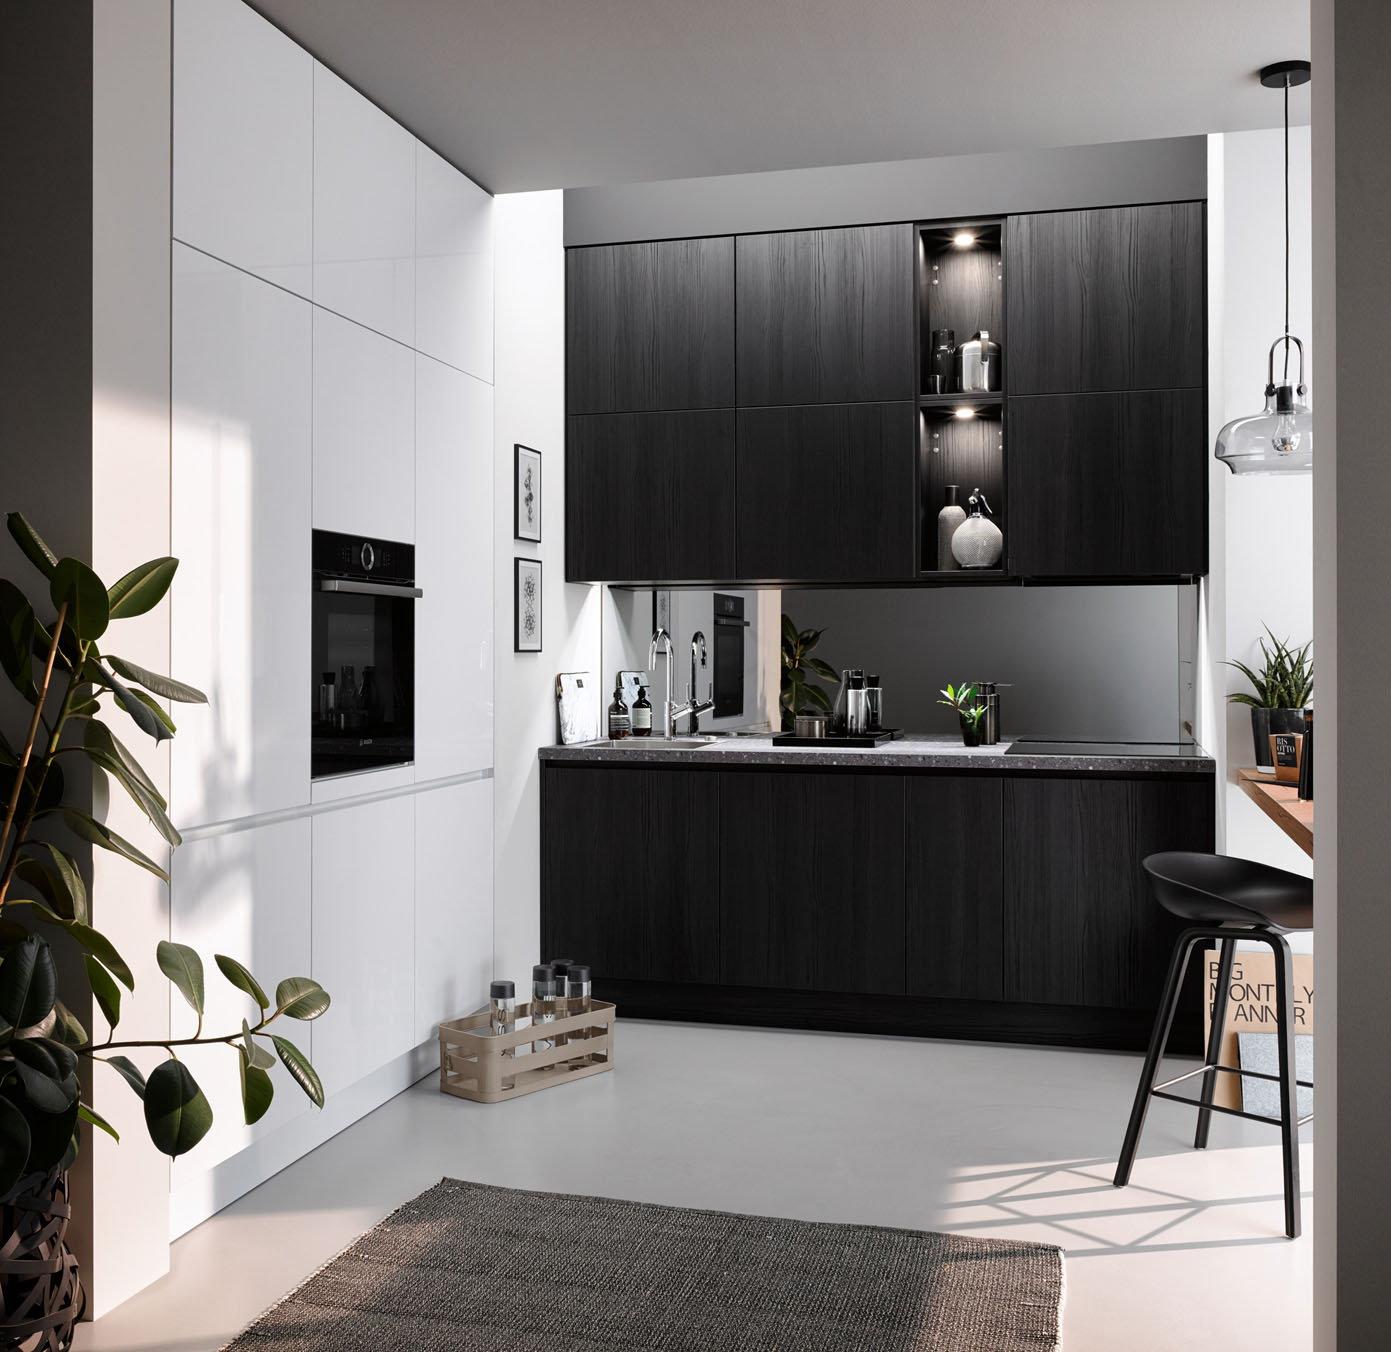 Rechte keuken met kastenwand en bureau – Zwarte keuken Häcker Toronto